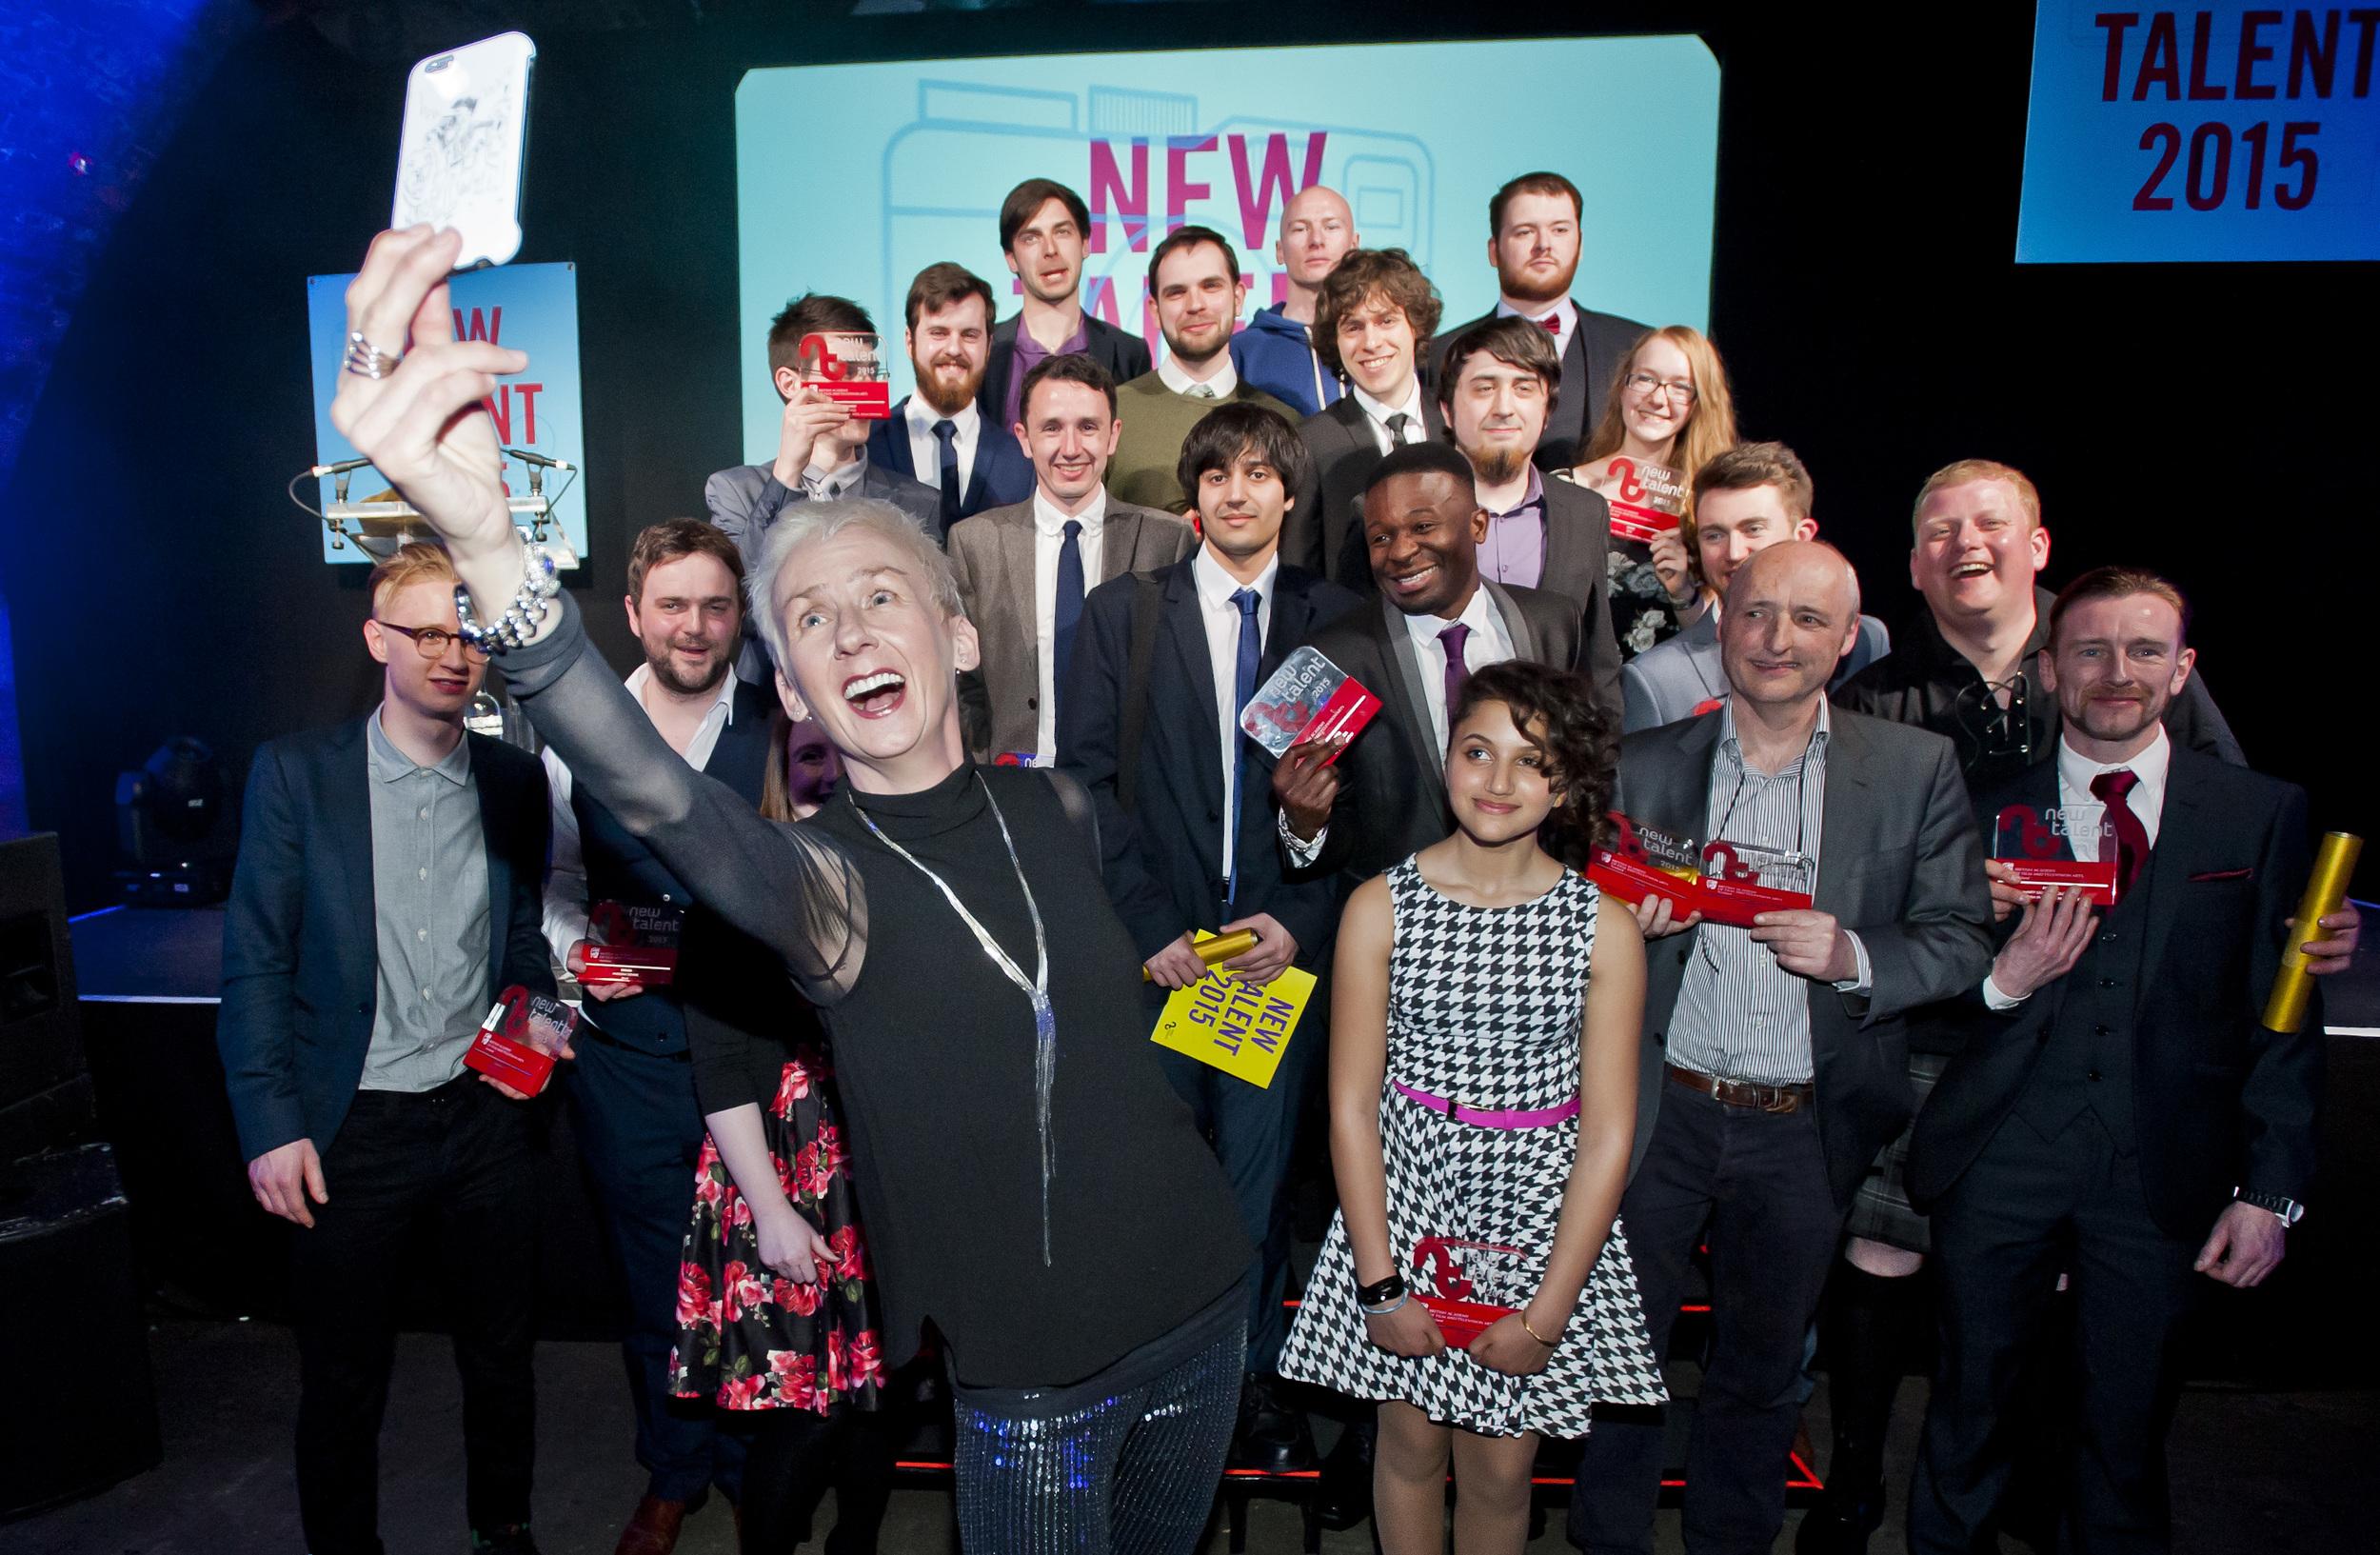 Winners of the 2015 BAFTA Scotland New Talent Awards